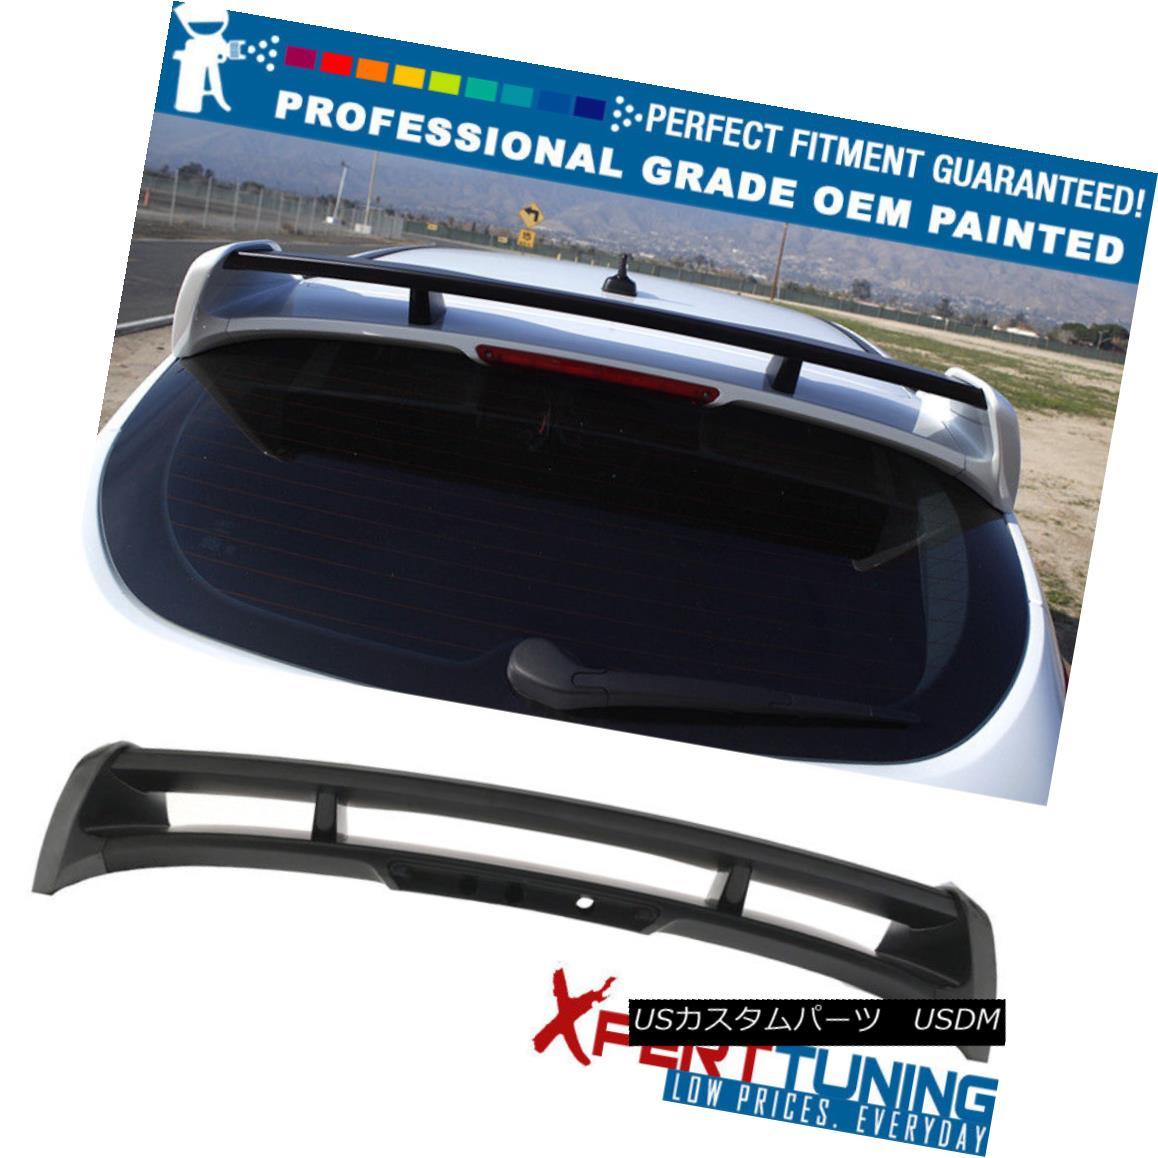 エアロパーツ Fits 12-18 Ford Focus Hatchback 5Dr RS Style Roof Spoiler - OEM Painted Color フィット12-18フォードフォーカスハッチバック5Dr RSスタイル屋根スポイラー - OEM塗装色